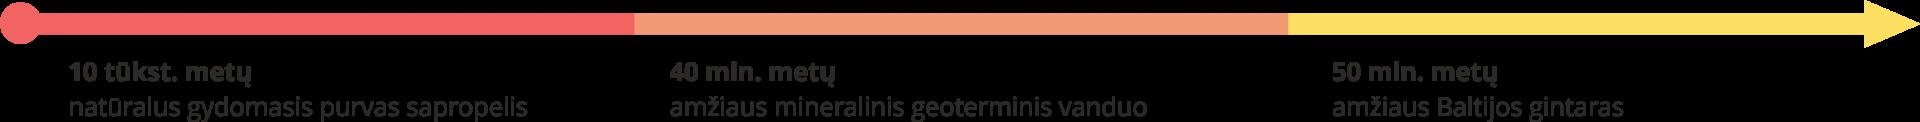 10 tūkst. metų gydomasis purvas sapropelis, 40 mln. metų amžiaus geoterminis vanduo, 50 mln. metų amžiaus Baltijos gintaras